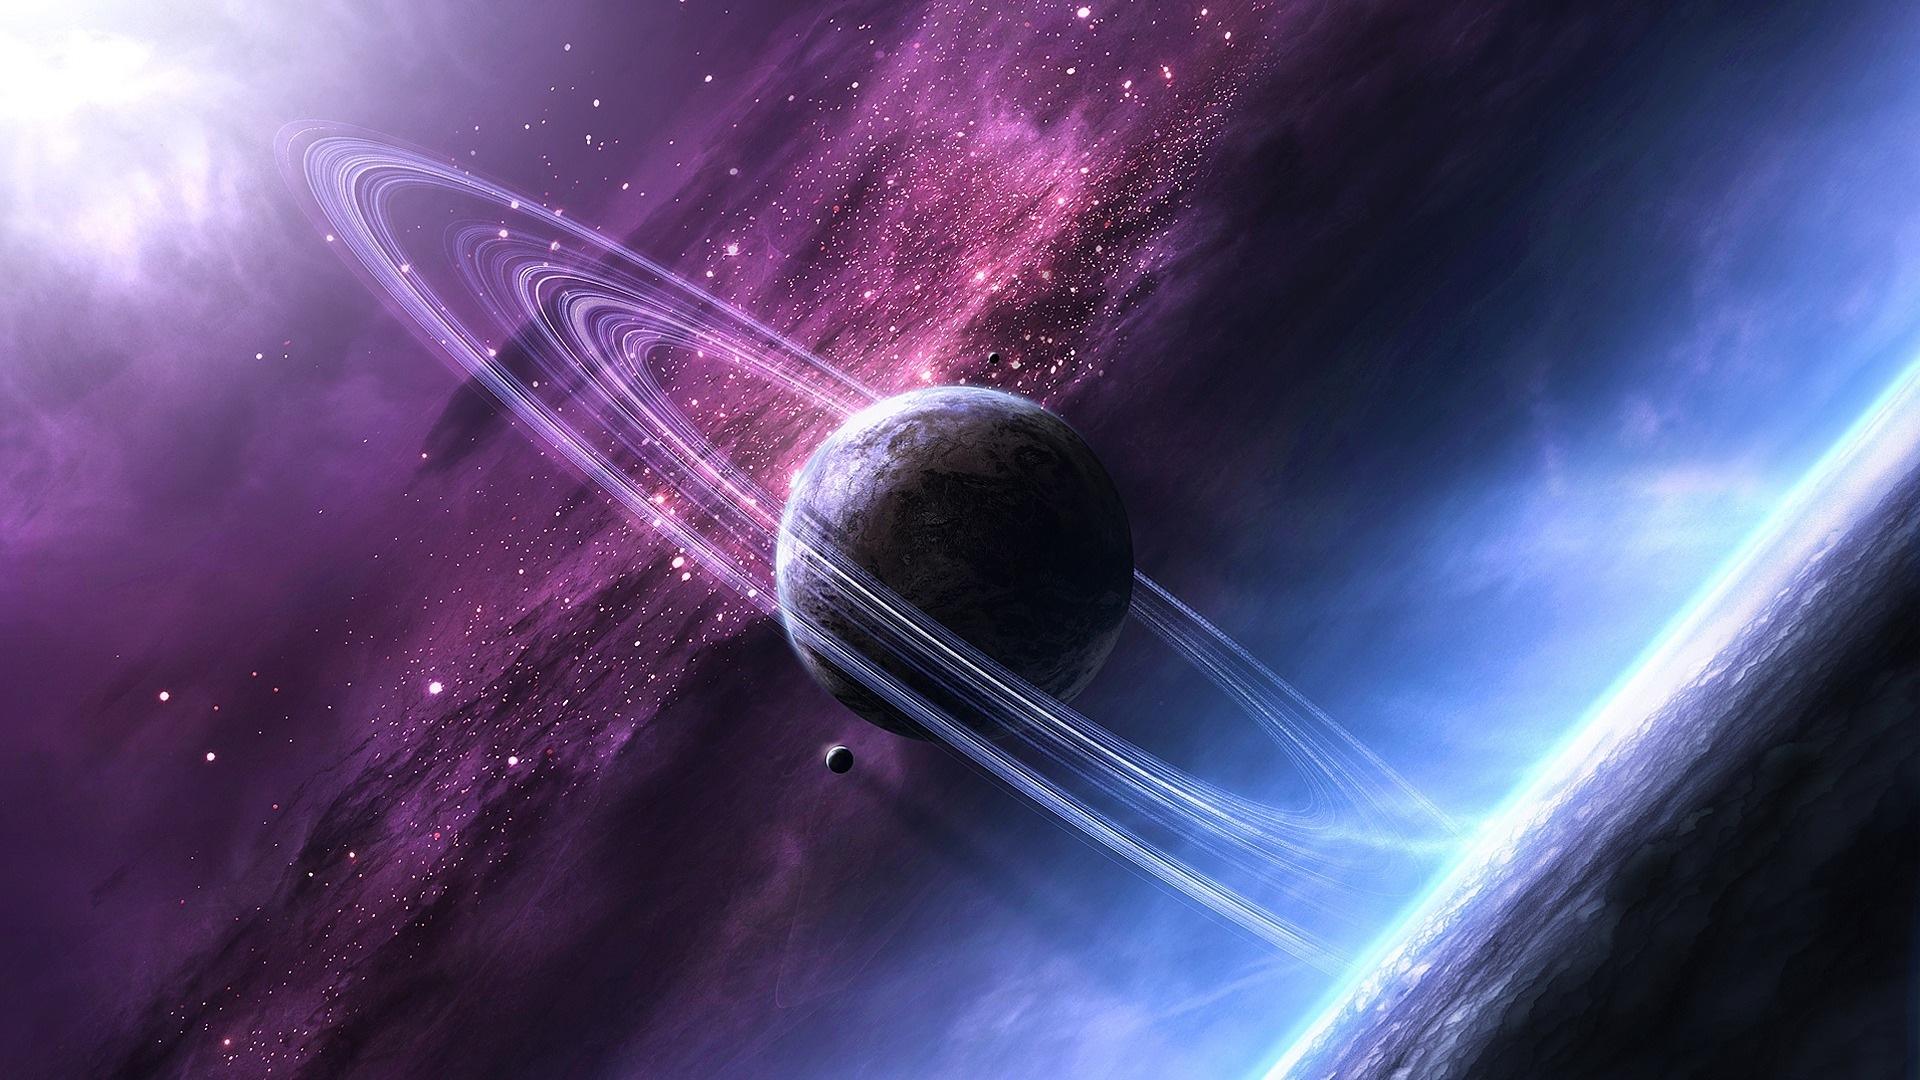 Картинки для рабочего стол космос